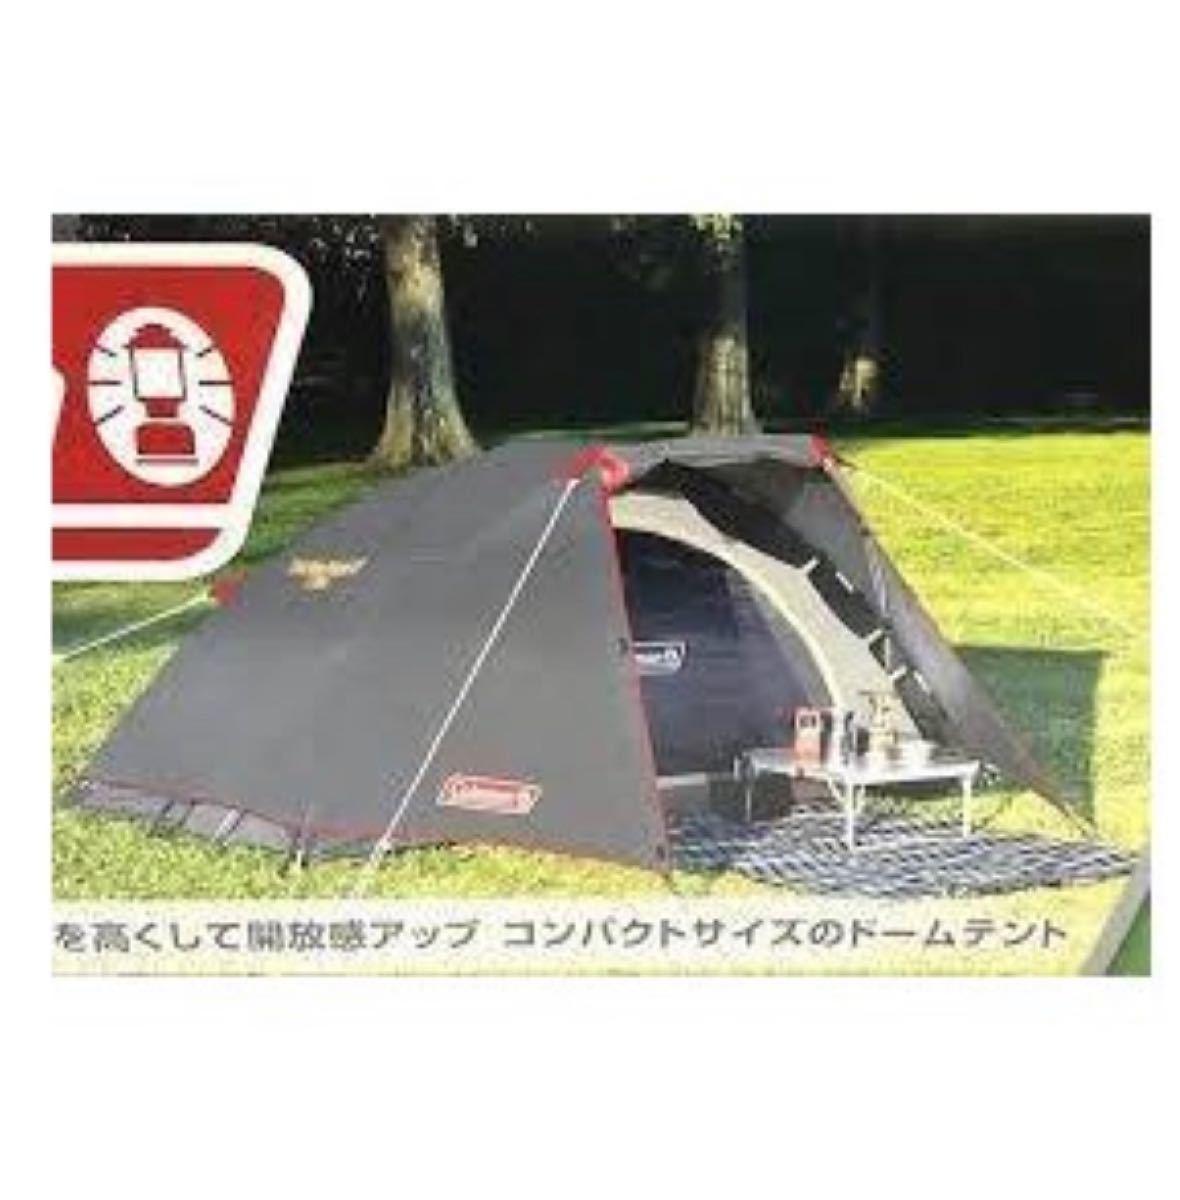 コールマン ツーリングドーム ST グレー 直営店限定カラー 新品・未使用